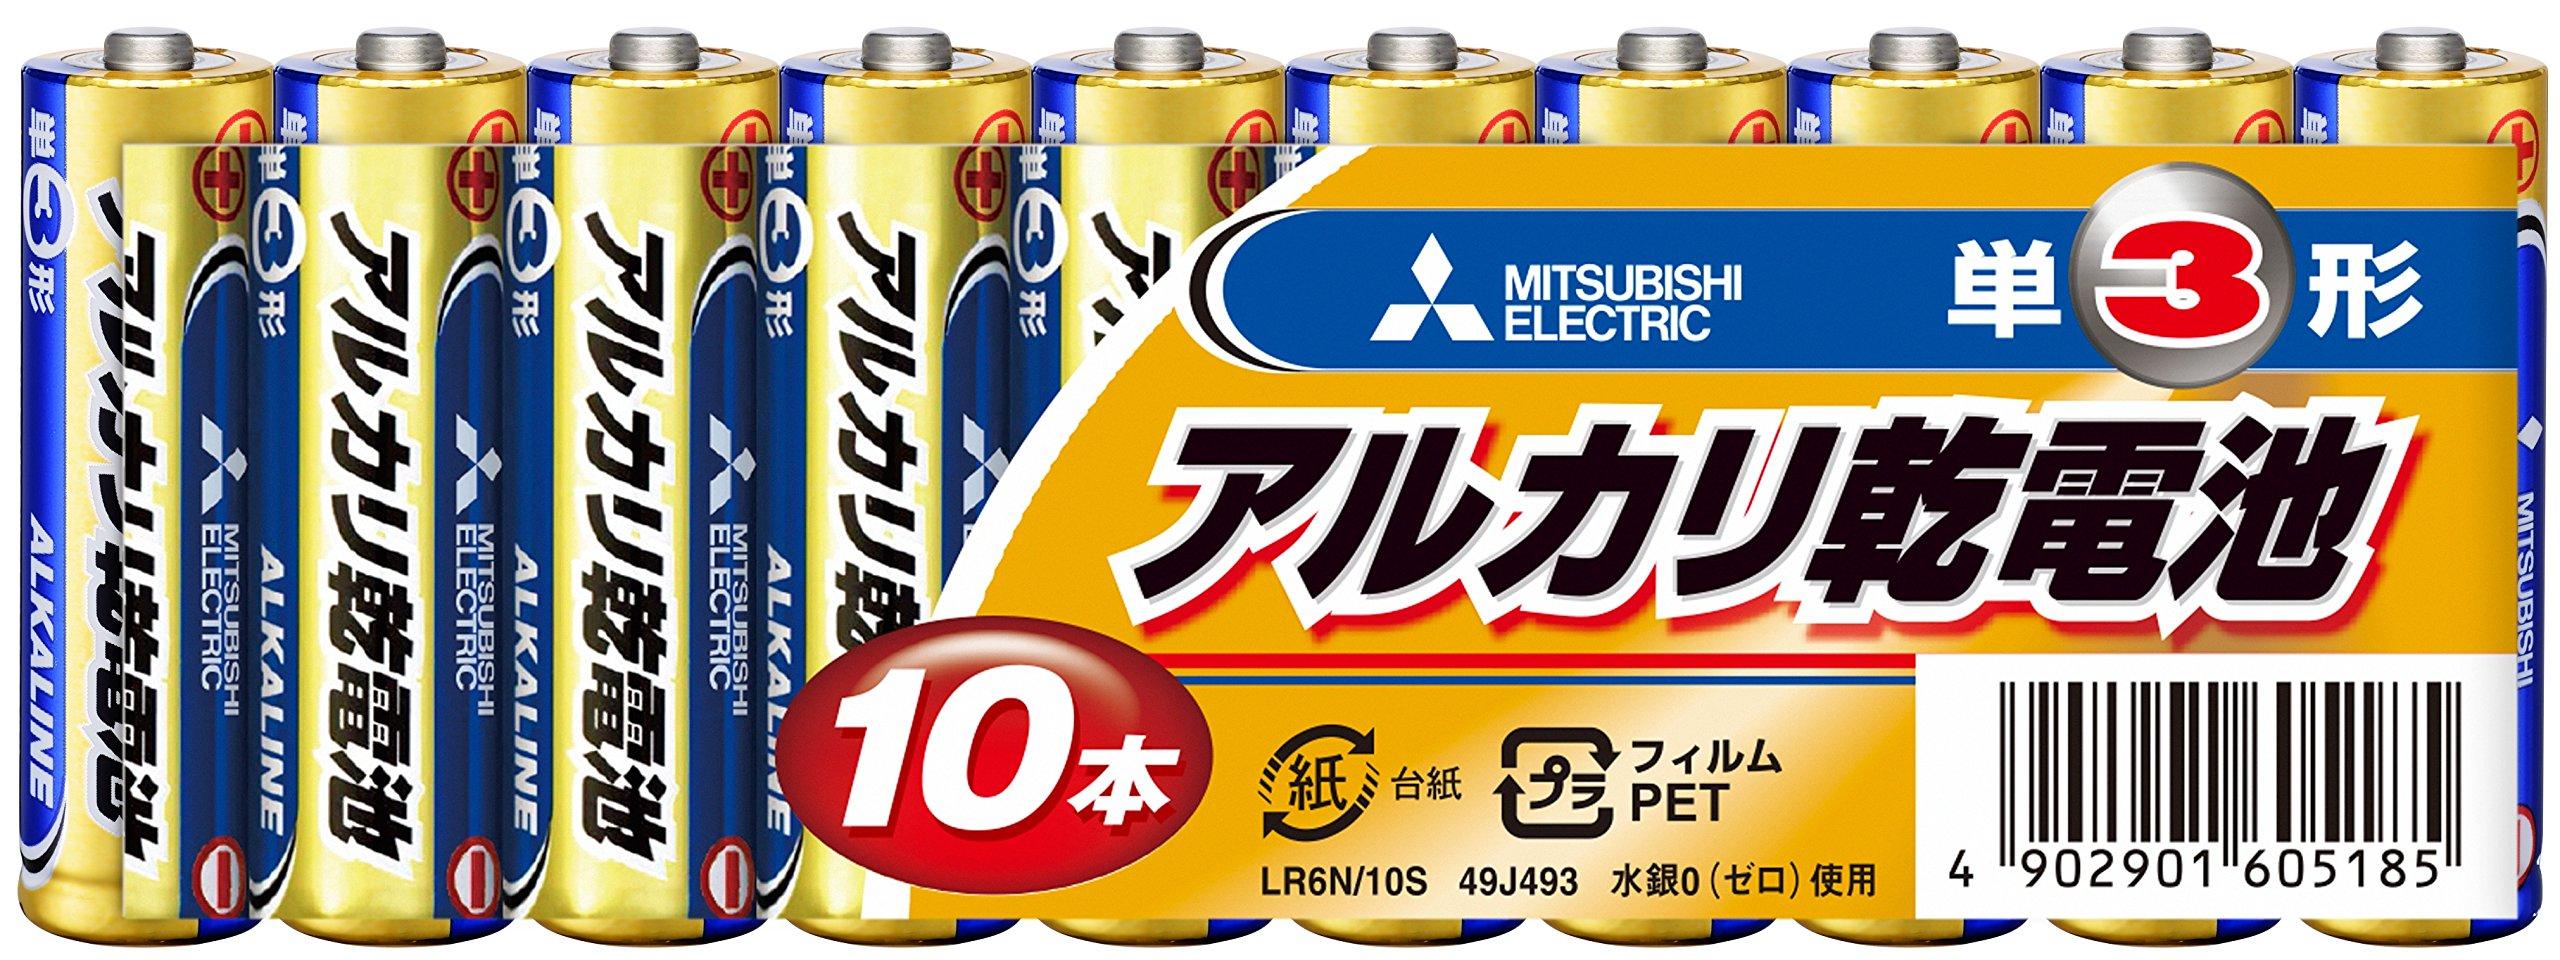 三菱電機 アルカリ乾電池(シュリンクパック) 単3形 10本パック LR6N/10S